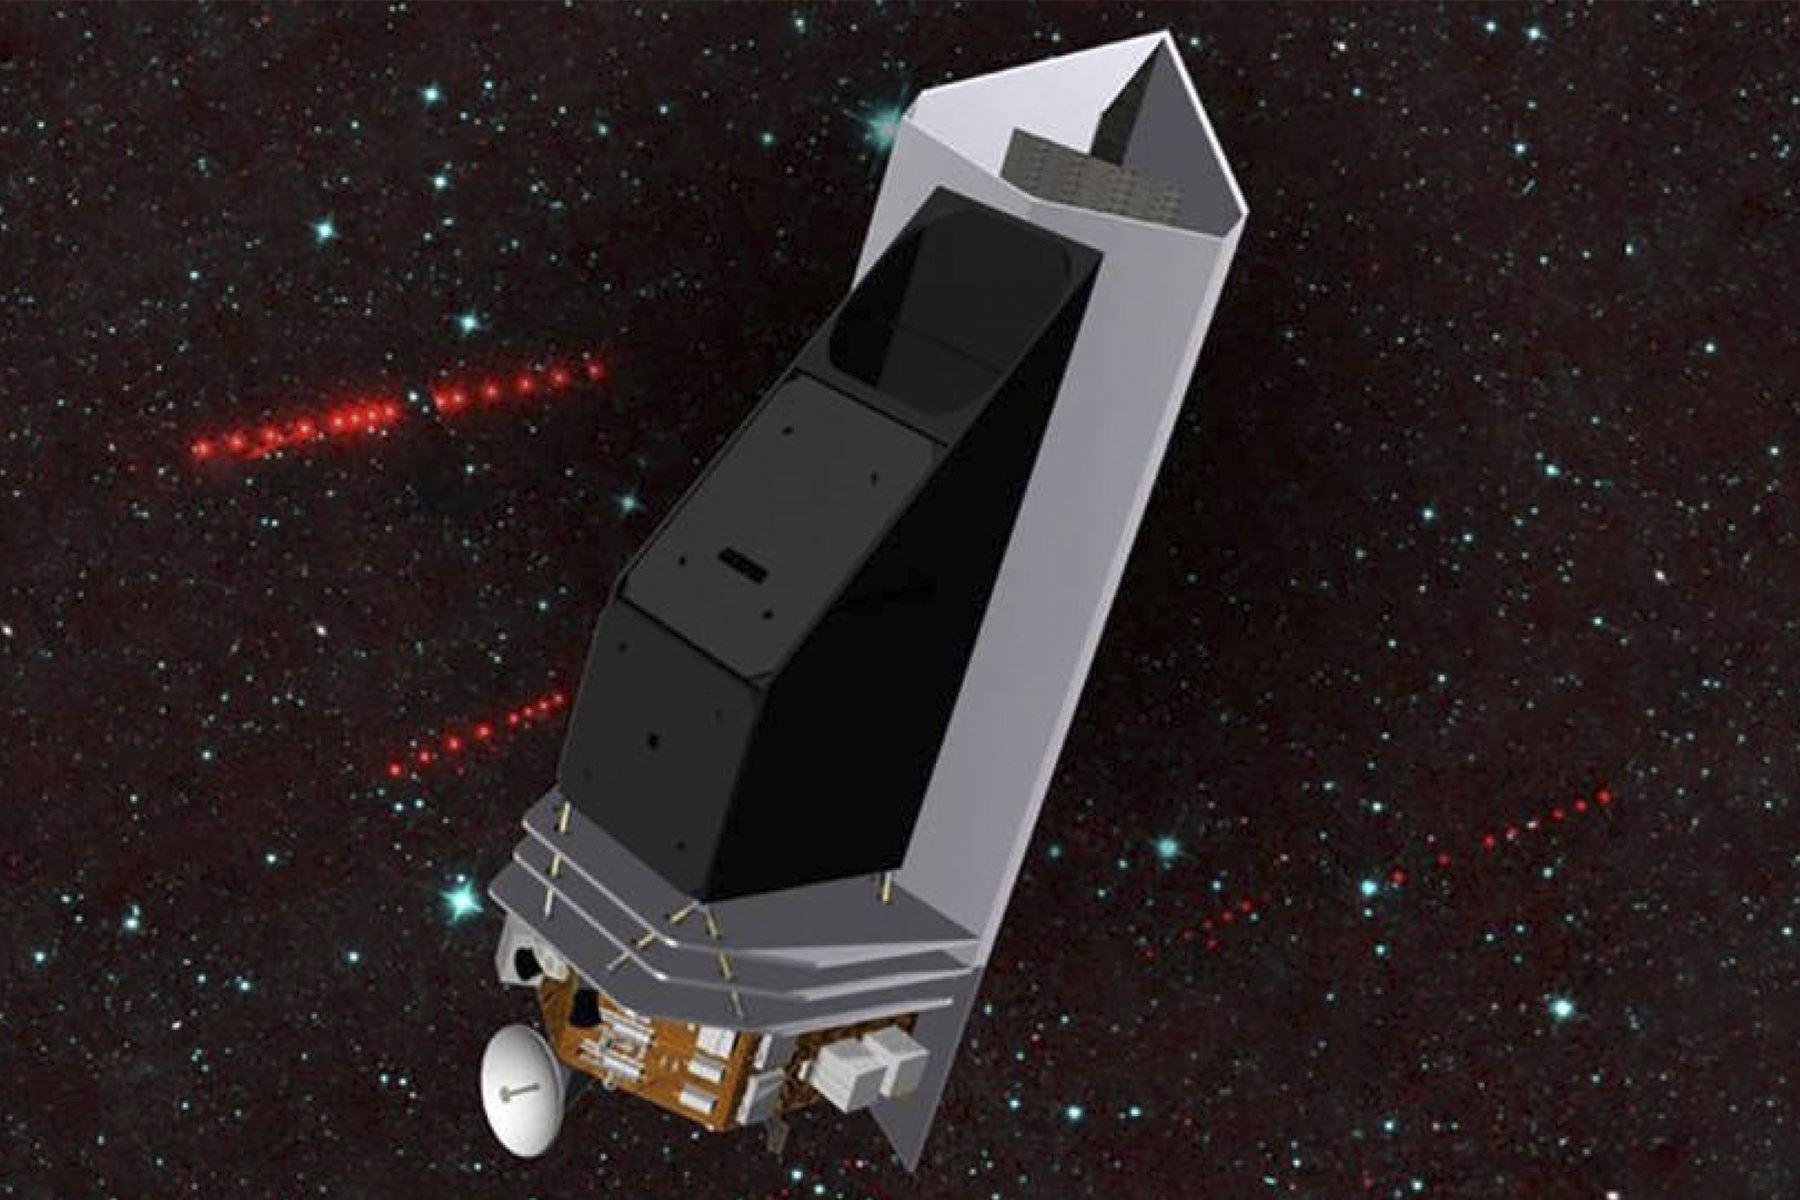 Seguirá en desarrollo el telescopio espacial cazador de asteroides